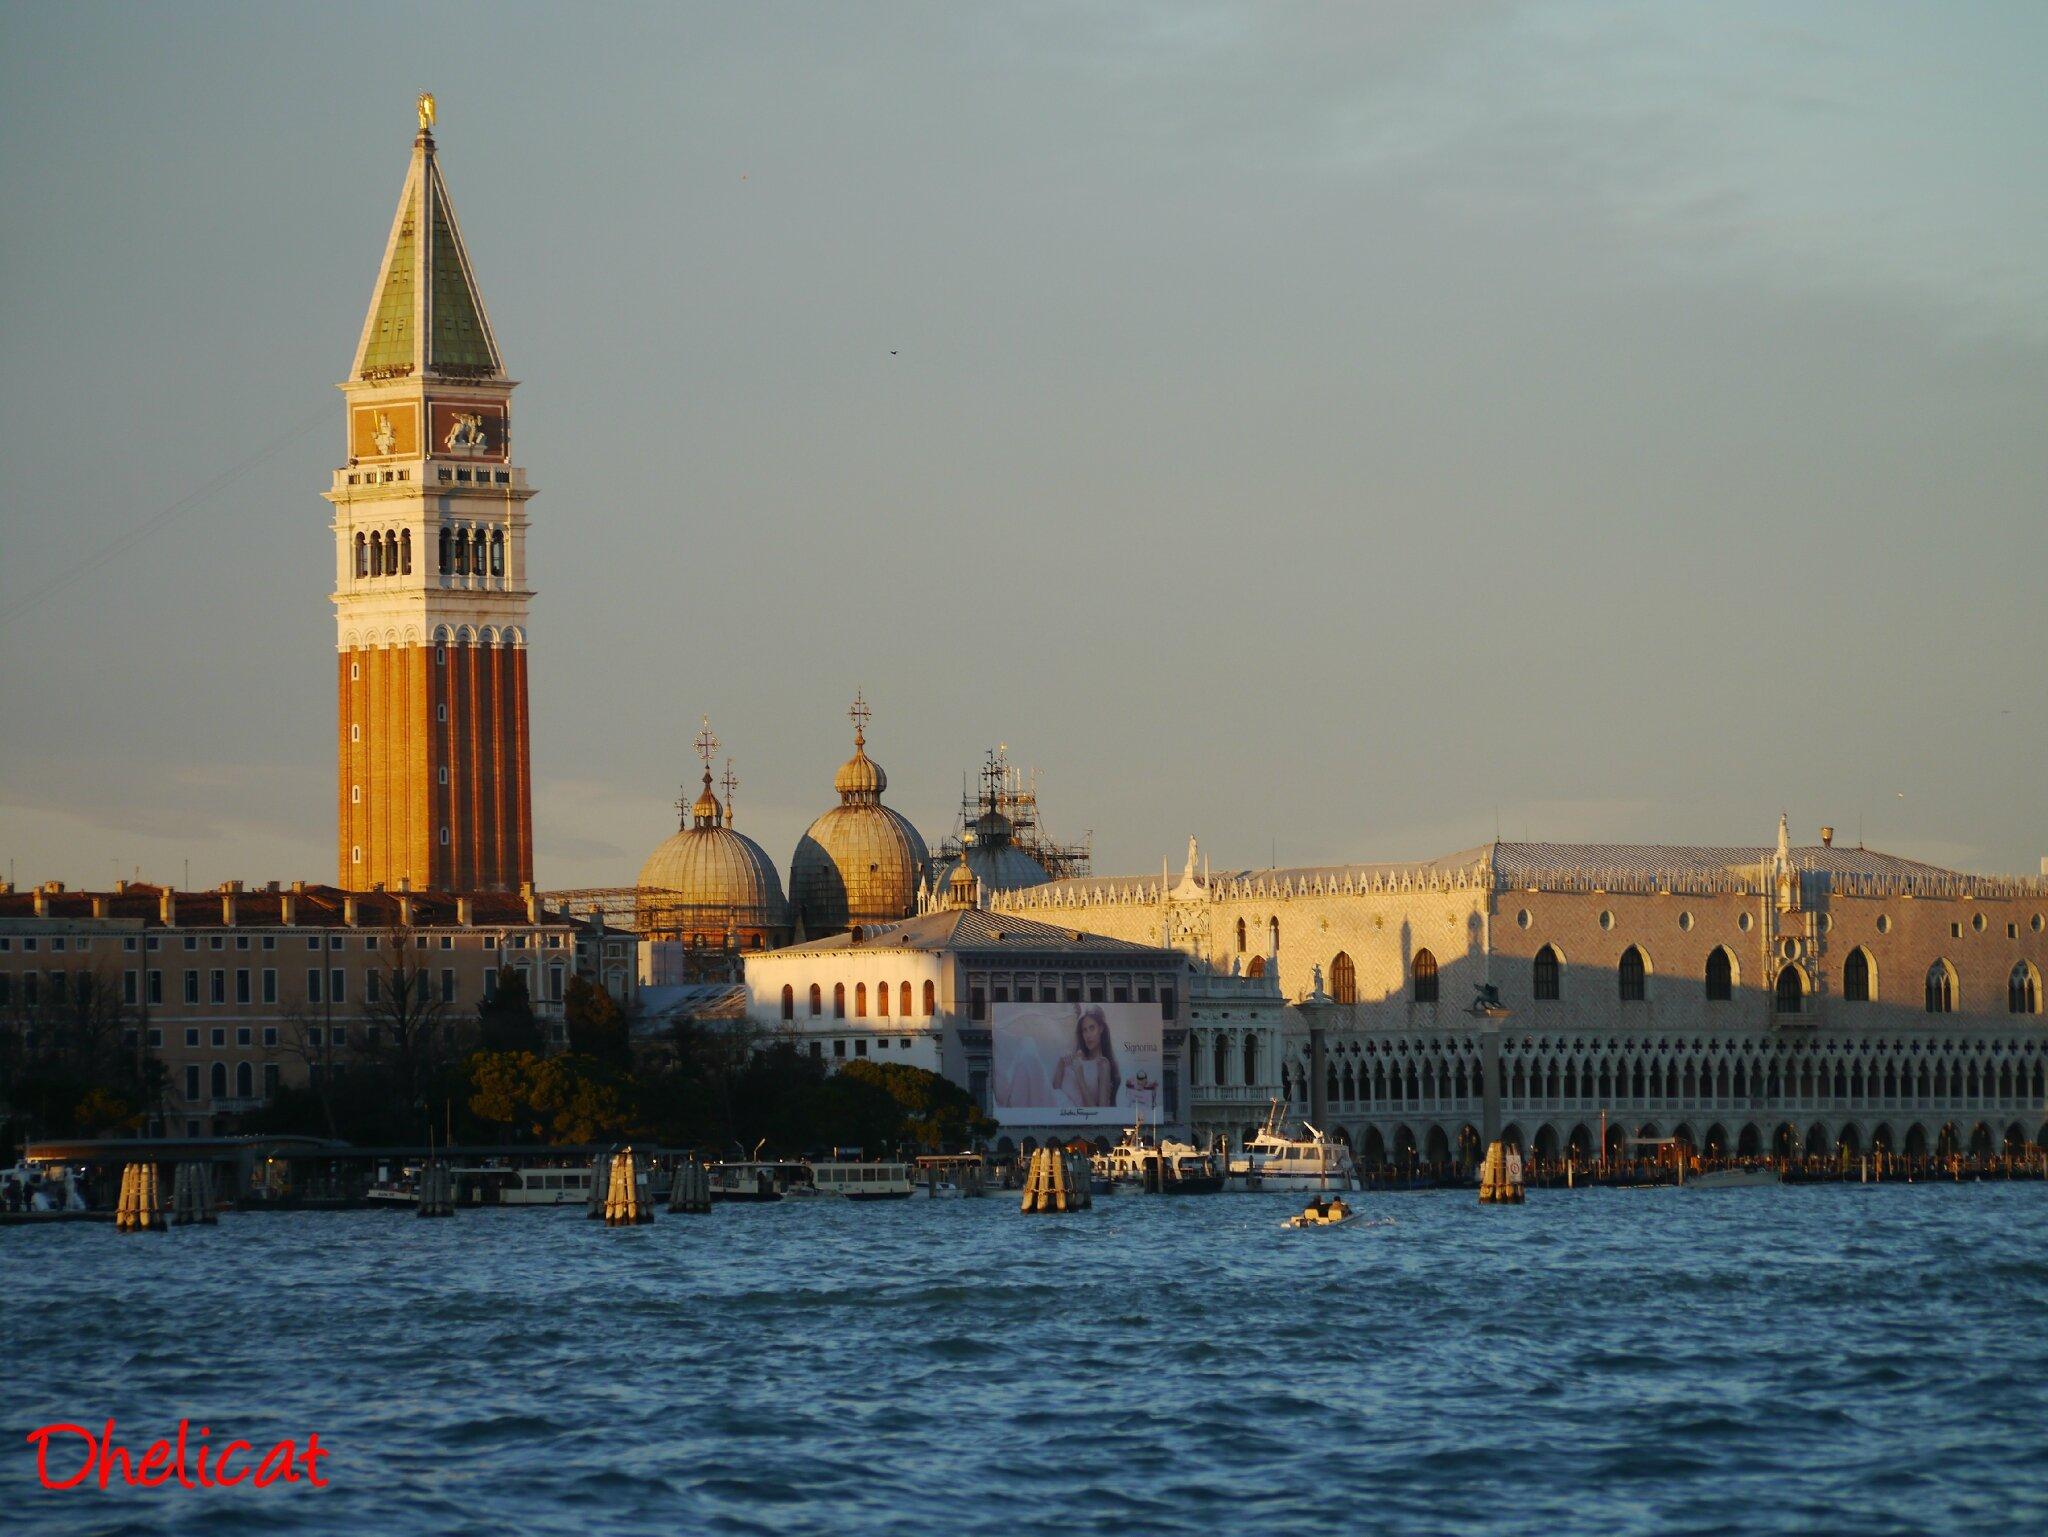 Venise au coucher du soleil 1 dhelicat - Lever et coucher du soleil paris ...